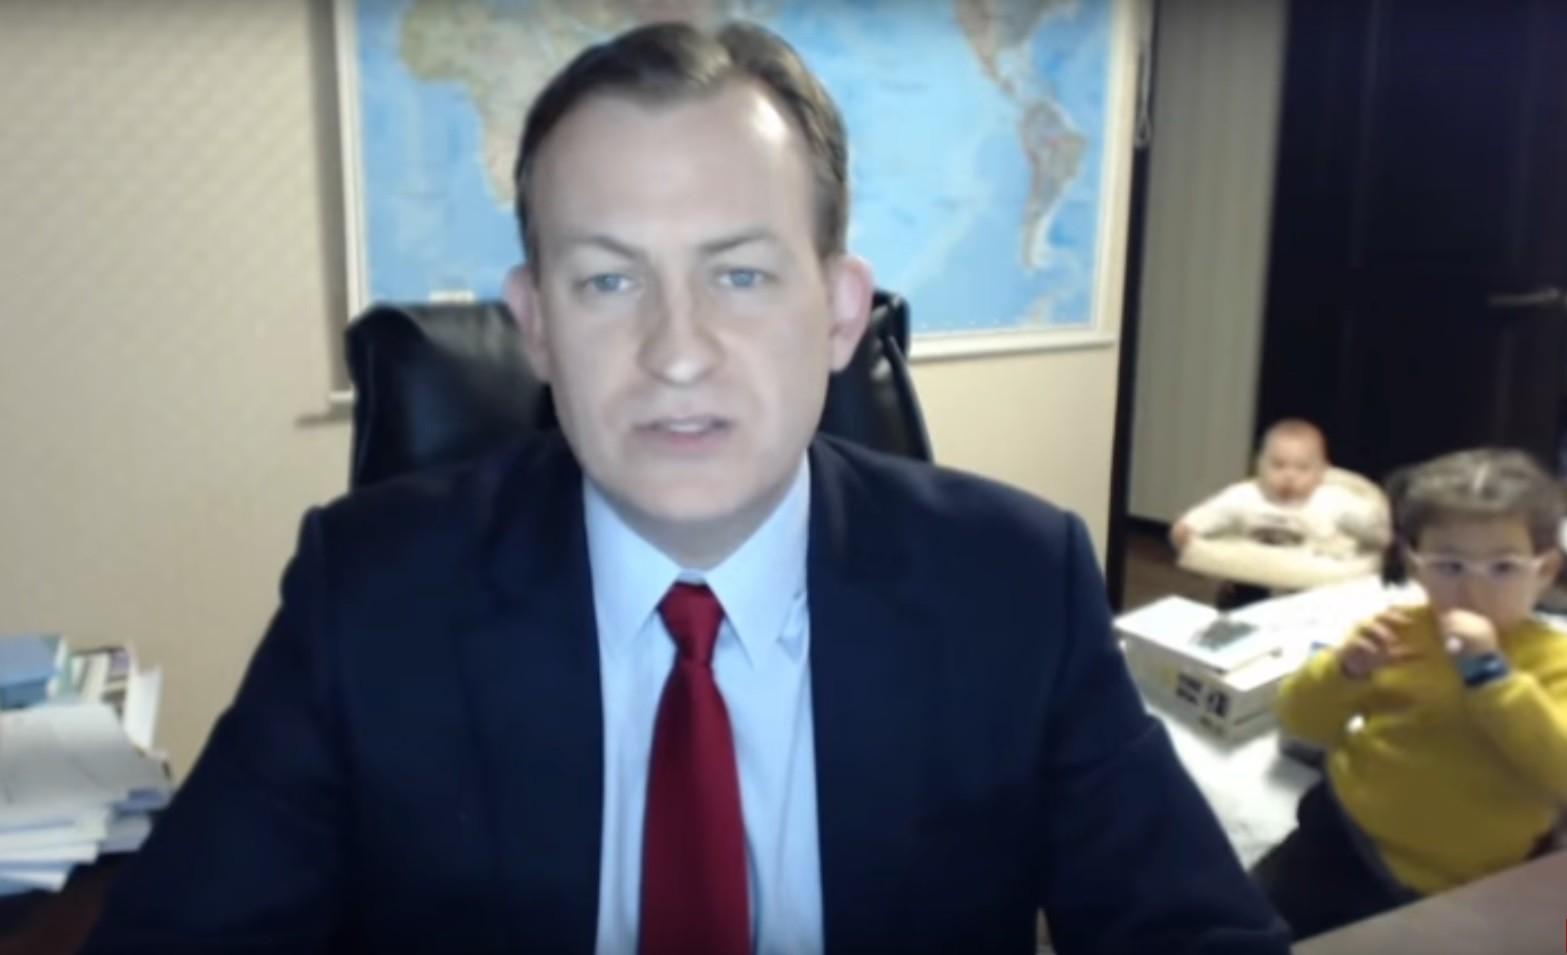 Упс! Прямой эфир Би-би-си прервали неожиданные гости в кадре (видео)